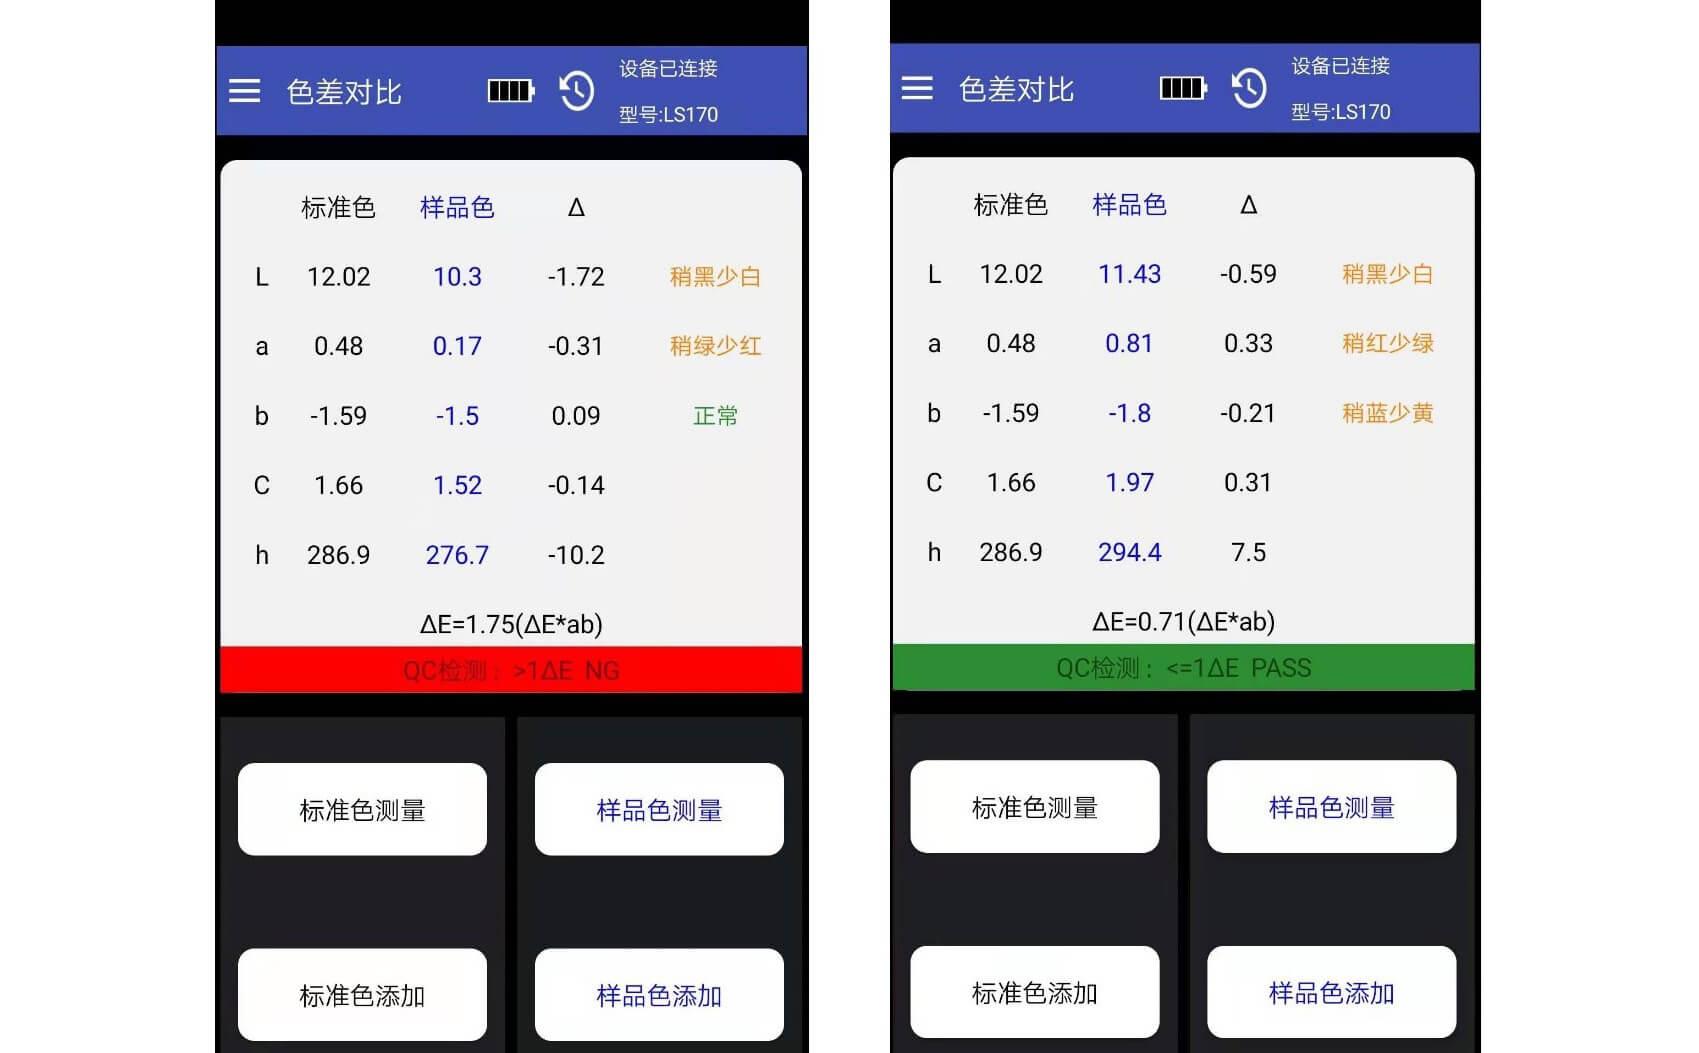 色差仪APP上的QC检测功能